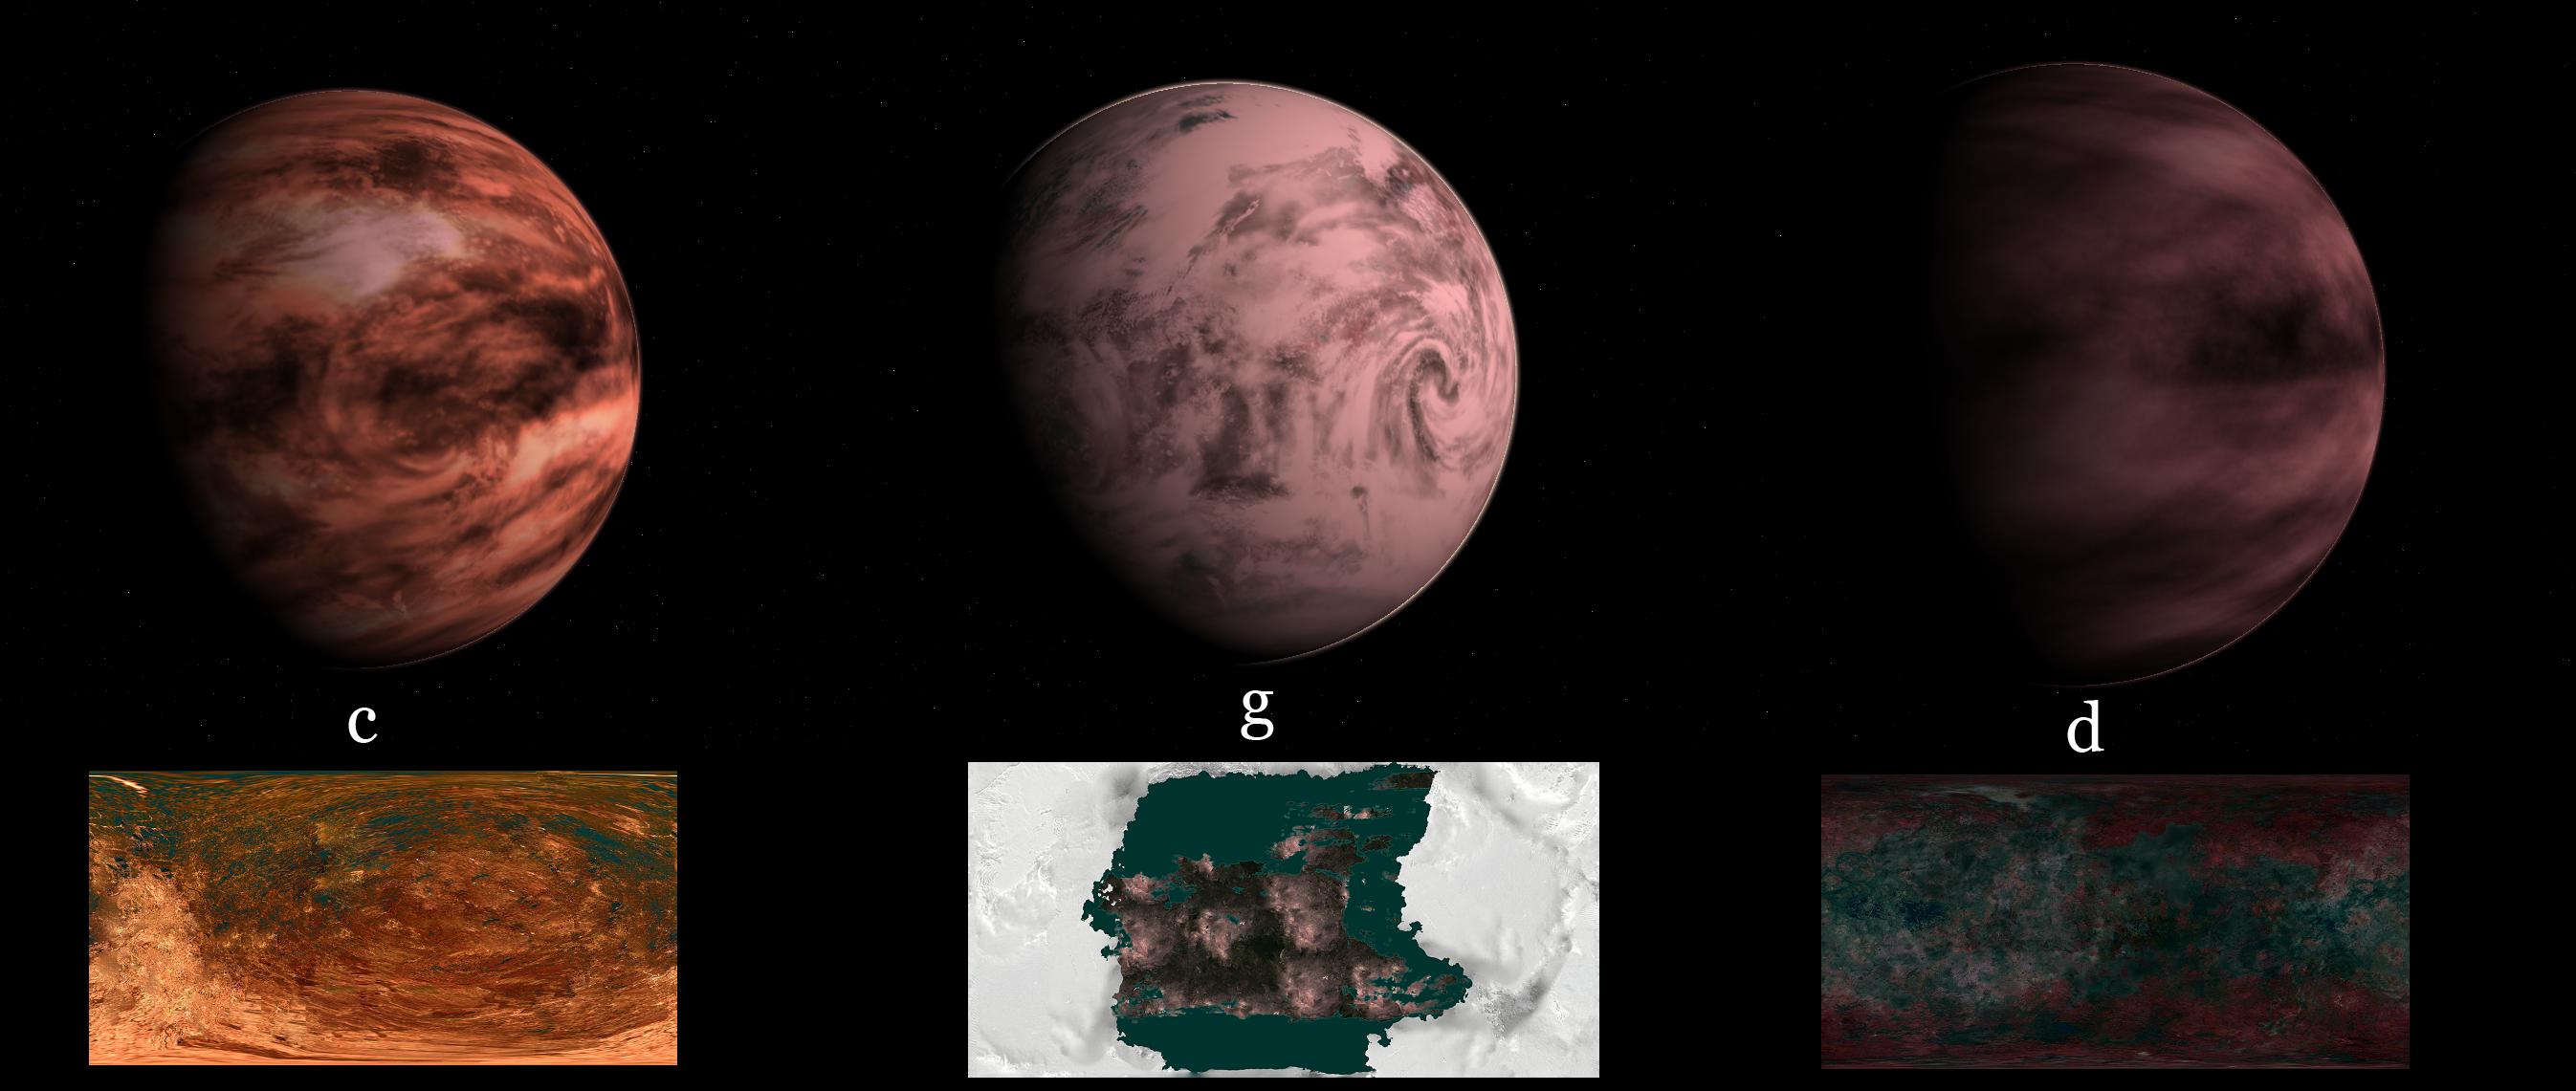 f earth 581 comparedgliese - photo #20